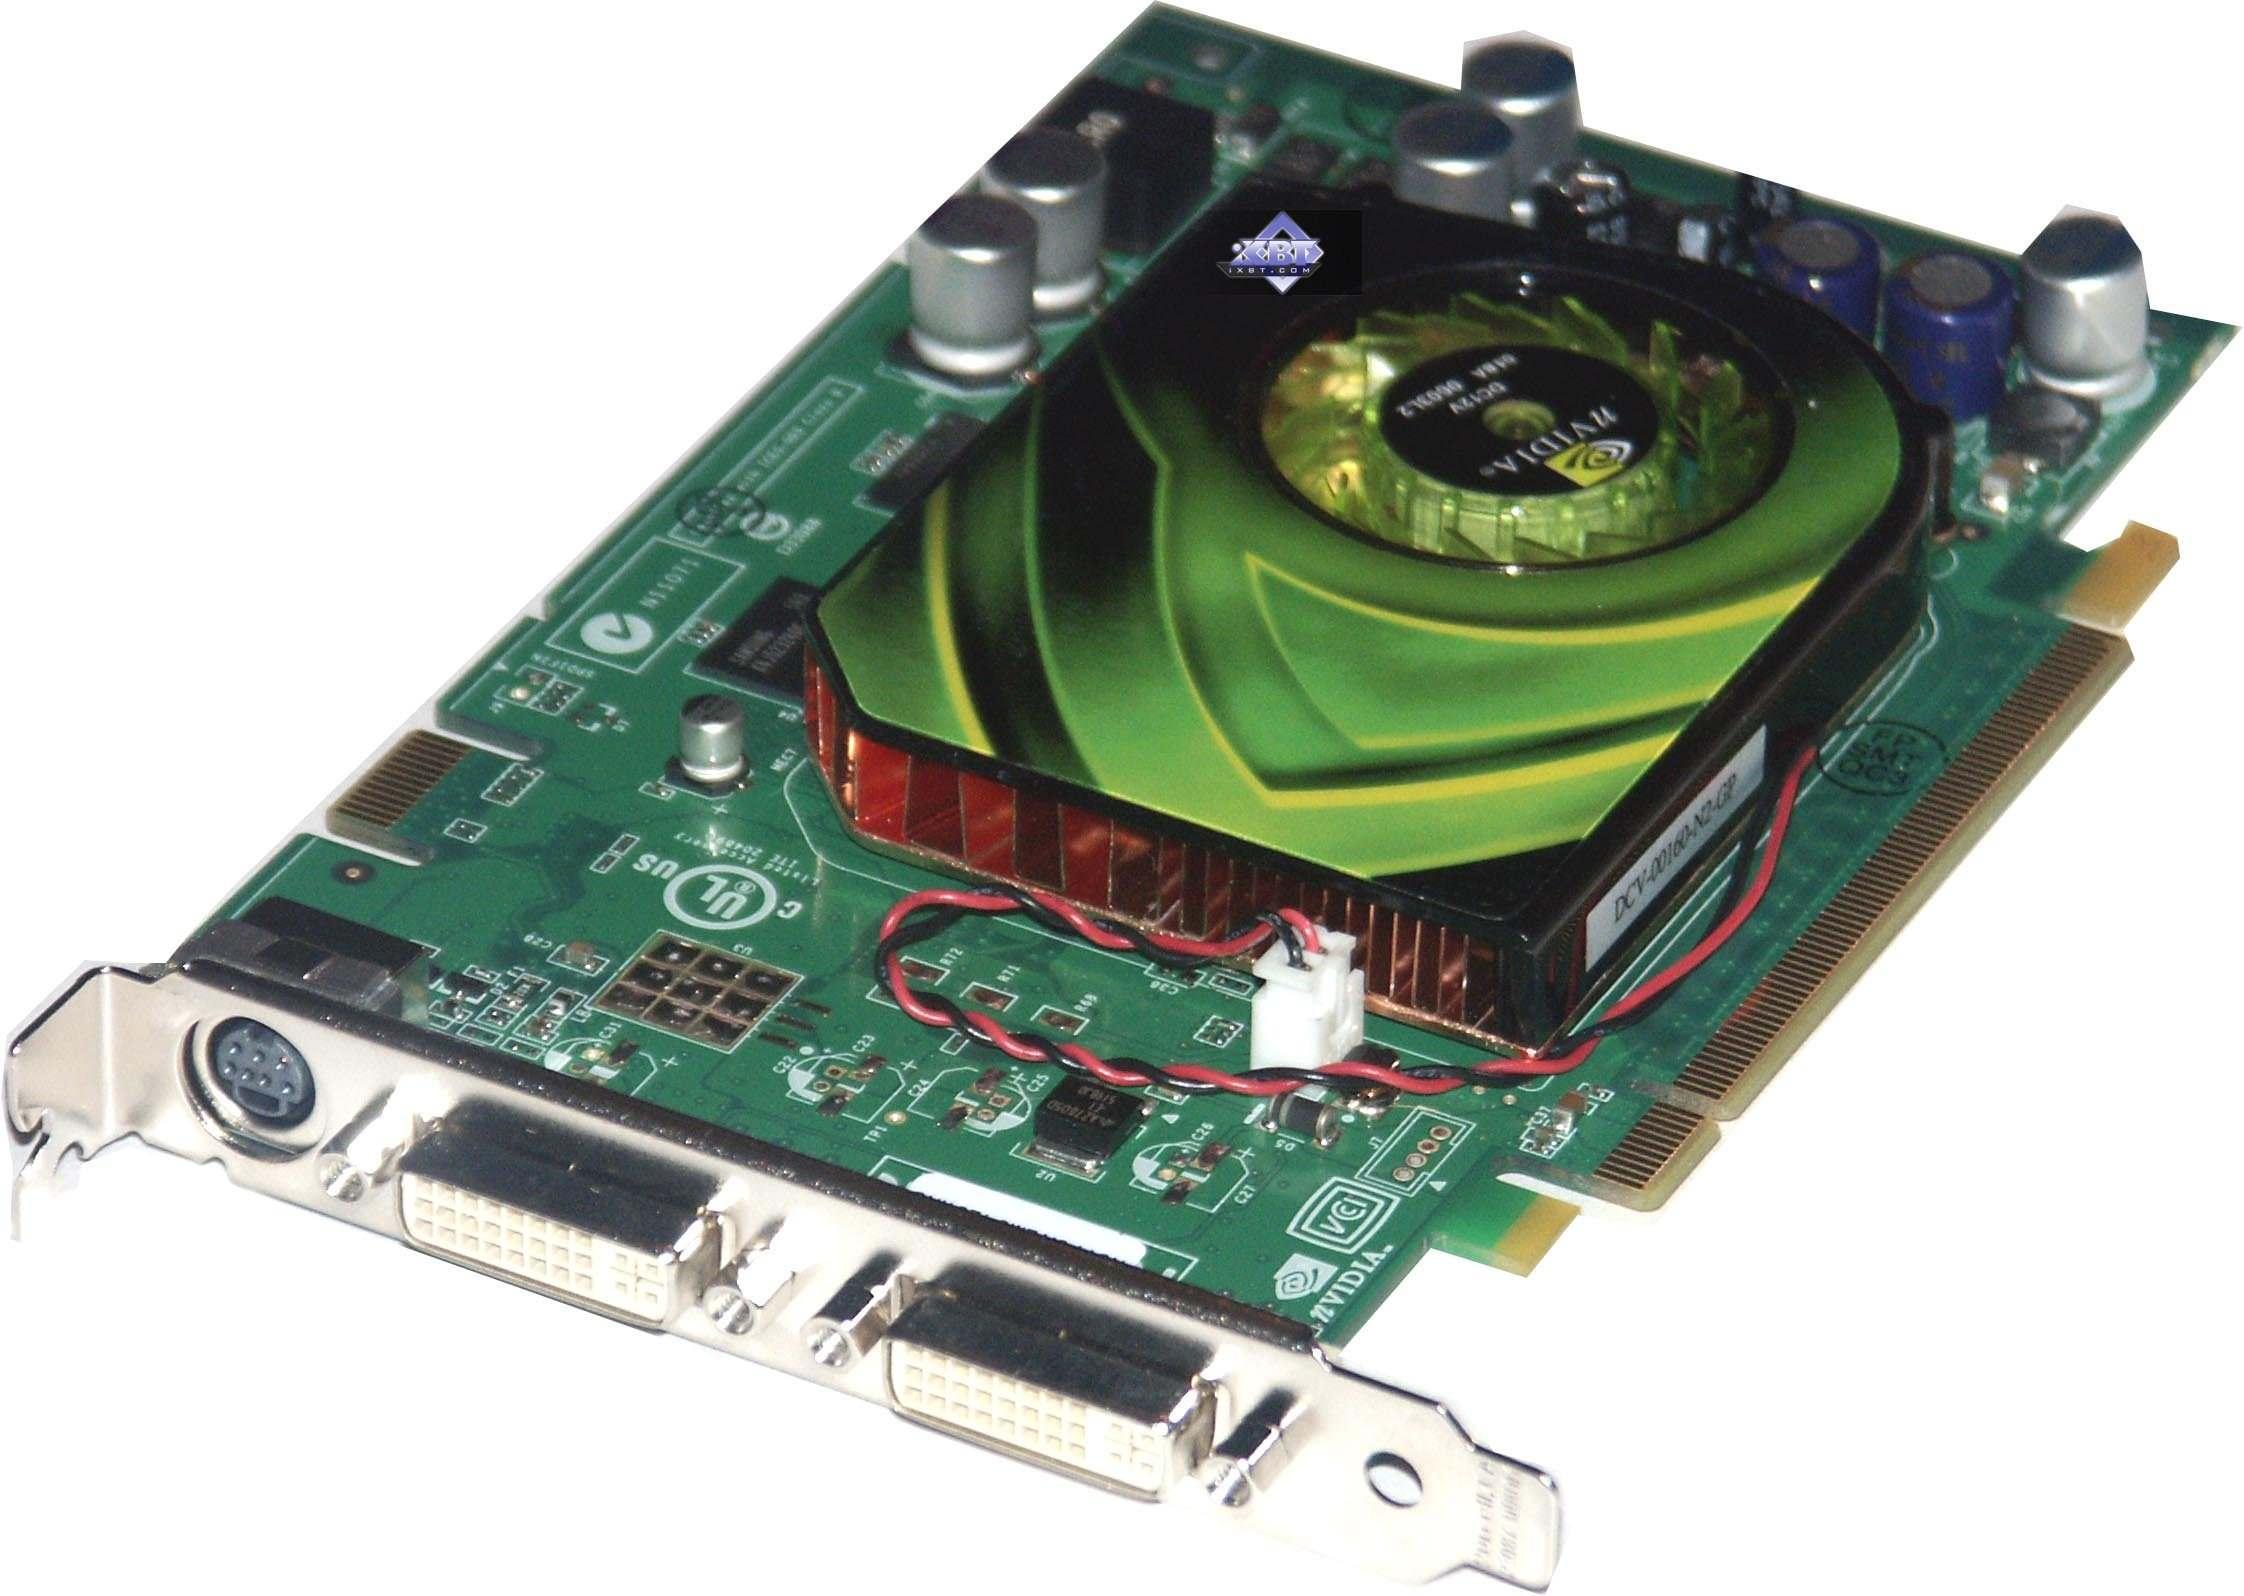 Ozone[3d]. Net gpus database gigabyte nvidia geforce 7600 gs.